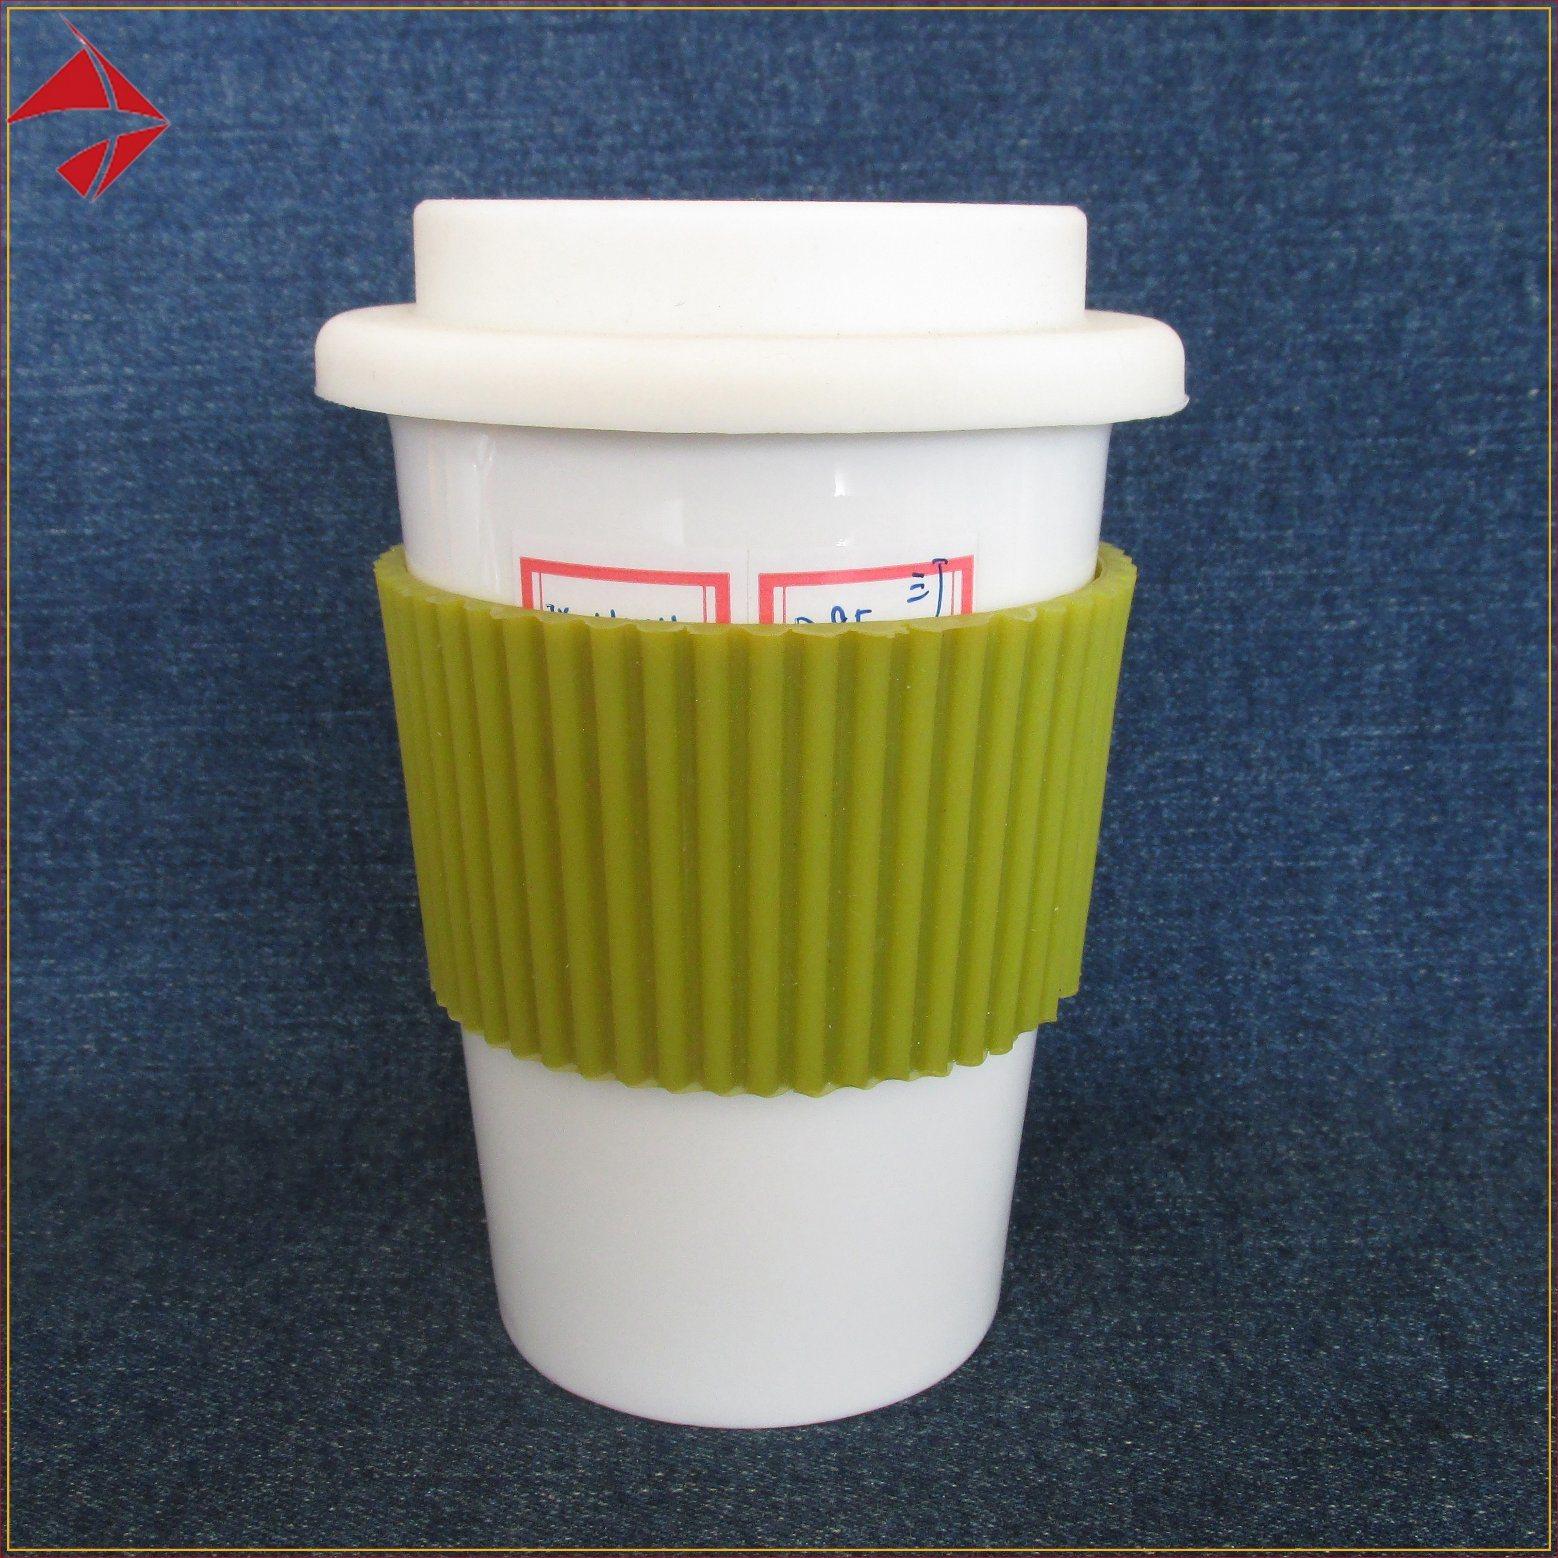 ed930e6706e [Hot Item] Custom 16oz/20oz Tall Coffee Mug Lock Mug with Cover Lid &  Customized Logo for Wholesale